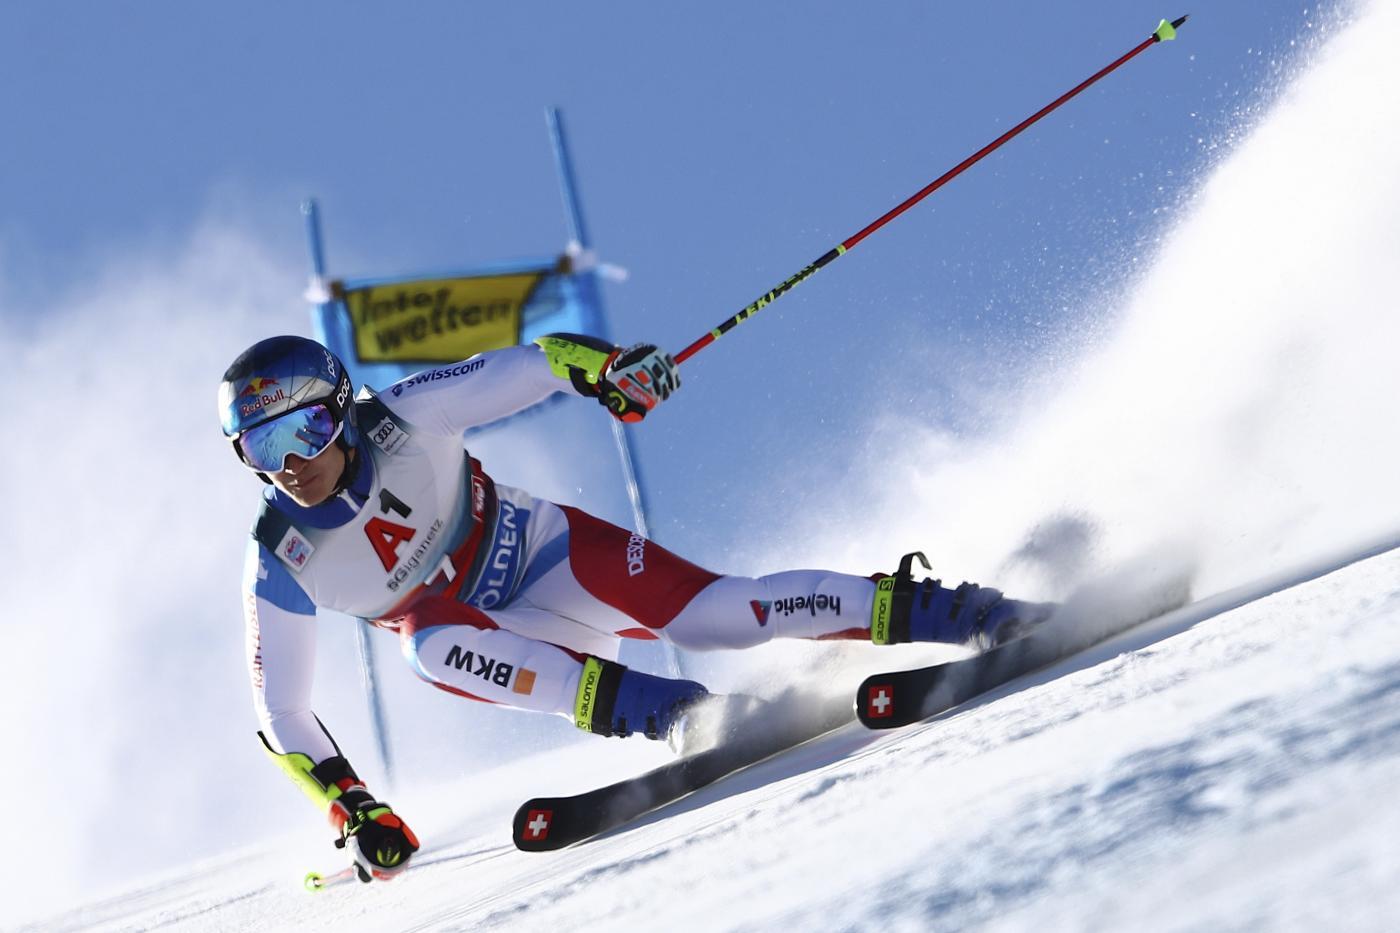 Classifica Coppa del Mondo sci alpino 2021 2022: risultati e punteggi